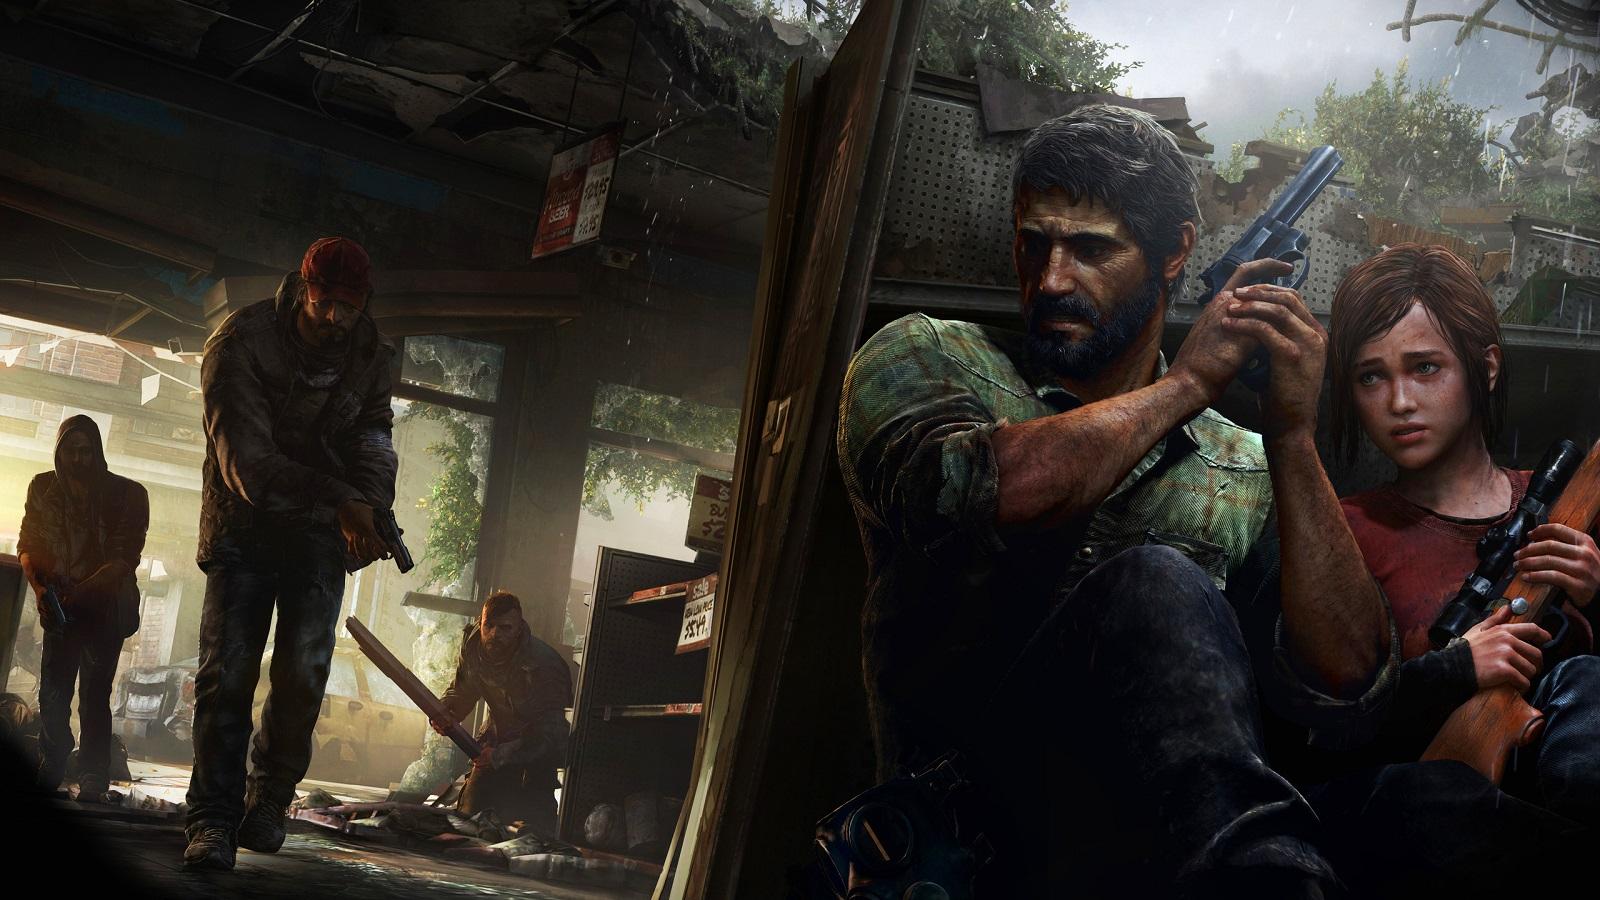 Режиссёр «Чернобыля» снимет как минимум один эпизод сериала HBO по мотивам The Last of Us